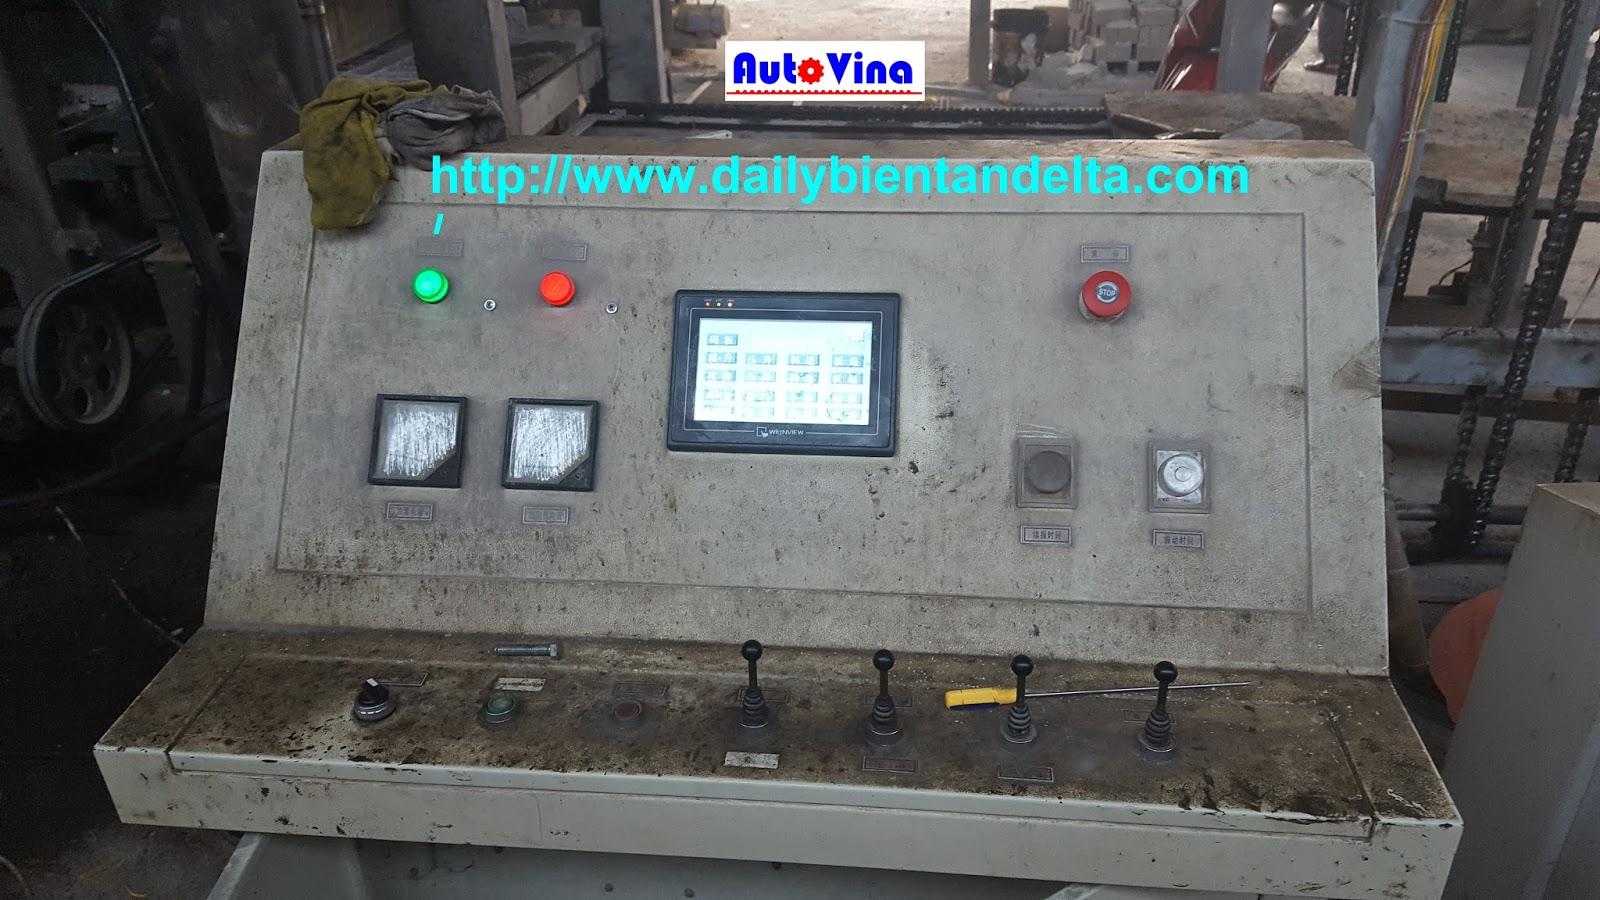 Tủ điều khiển máy ép gạch block của Trung Quốc do Auto Vina sửa chữa và hiệu chỉnh thông số